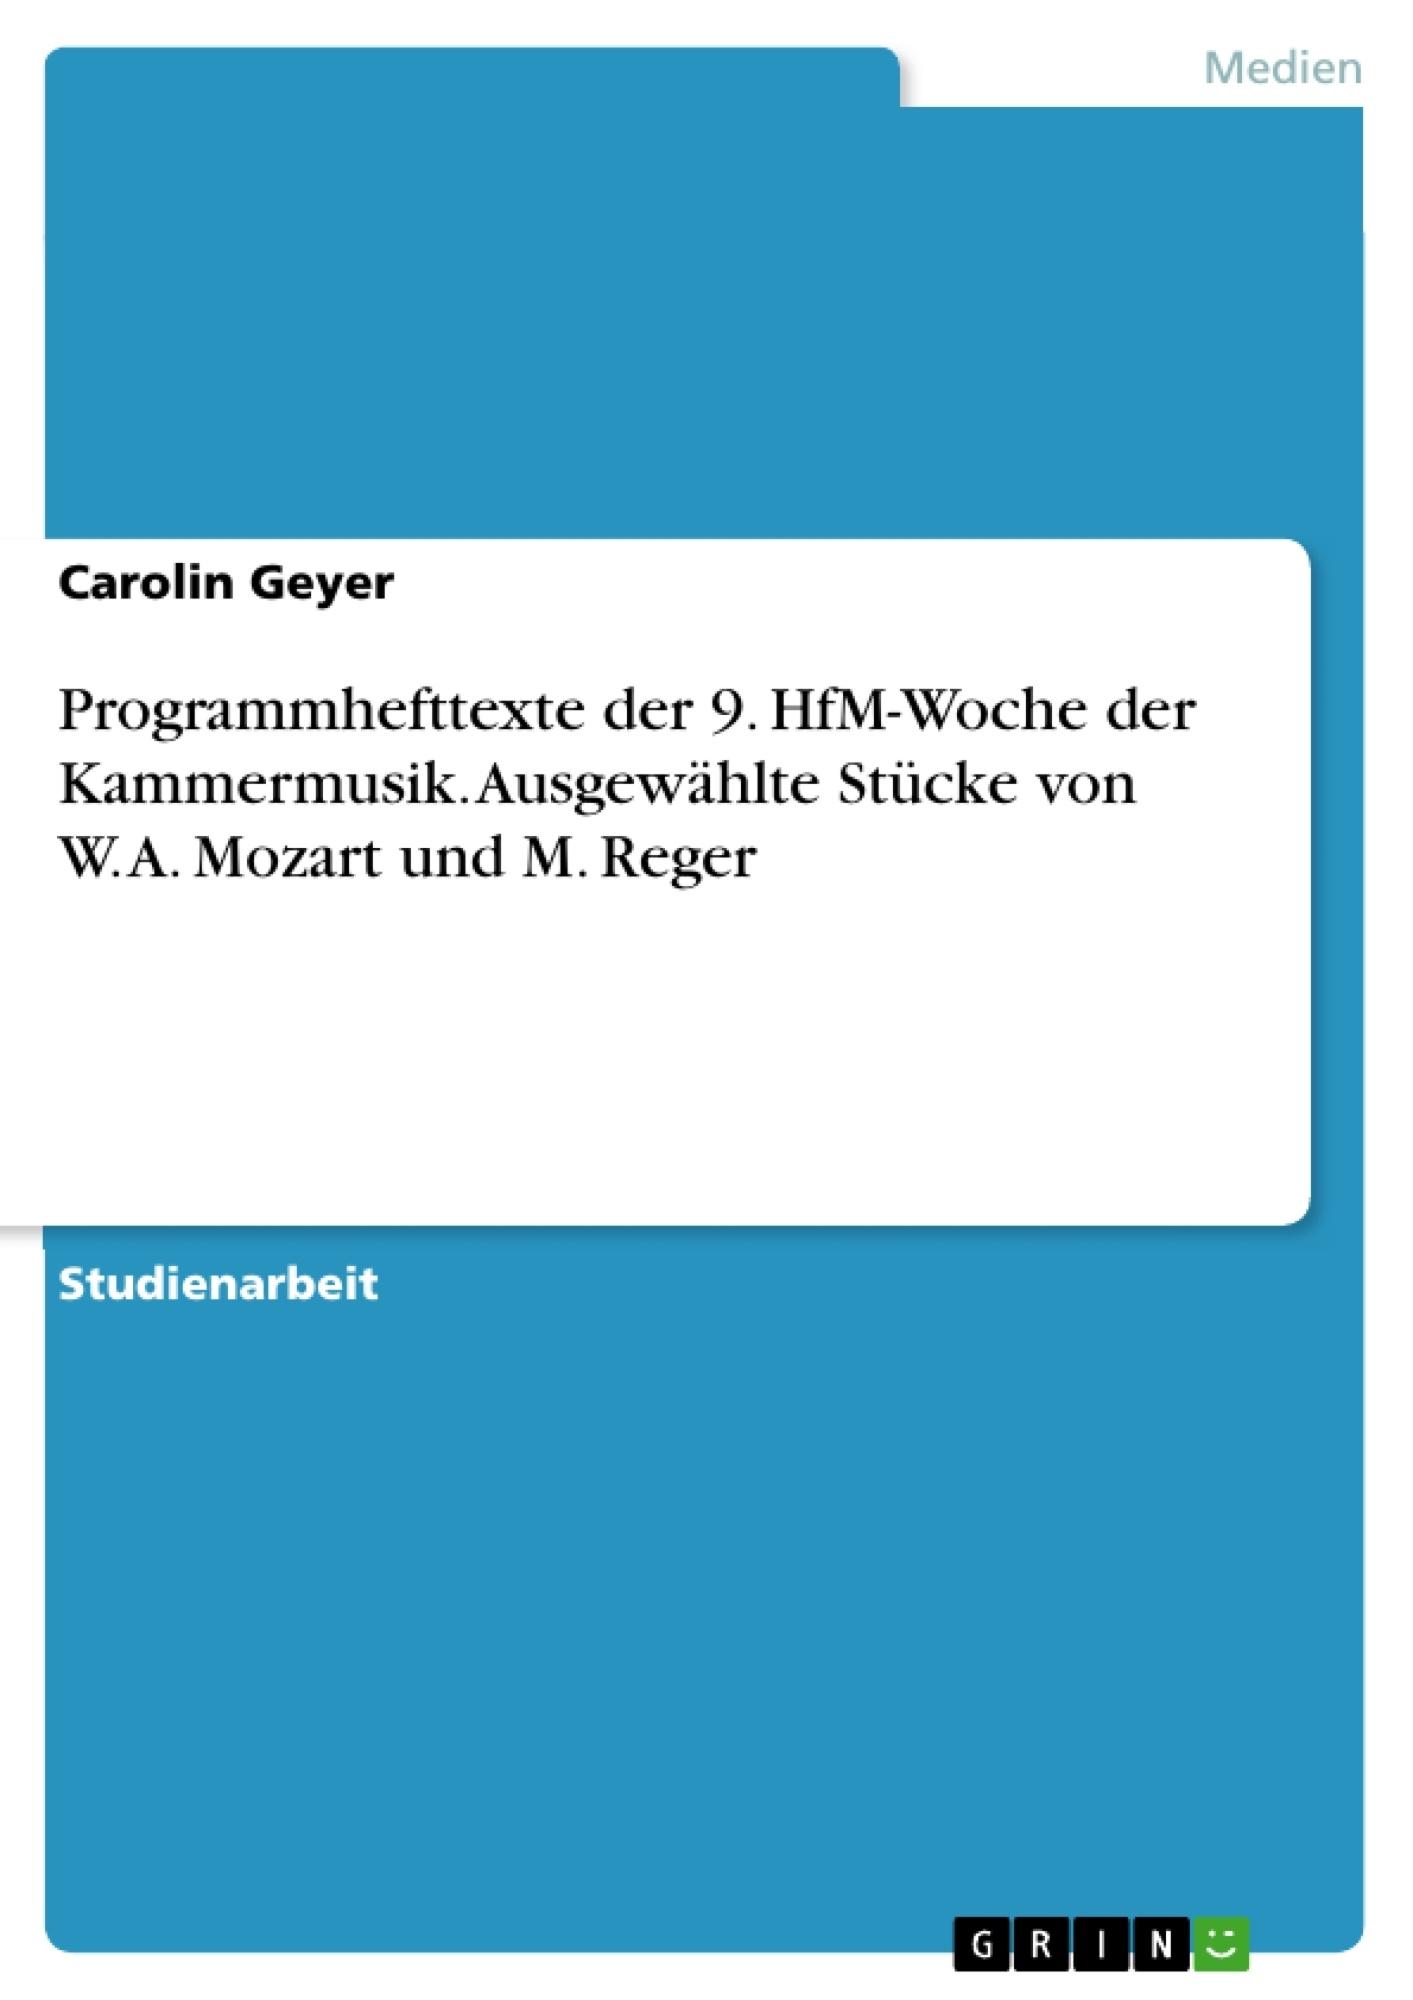 Titel: Programmhefttexte der 9. HfM-Woche der Kammermusik. Ausgewählte Stücke von W. A. Mozart und M. Reger